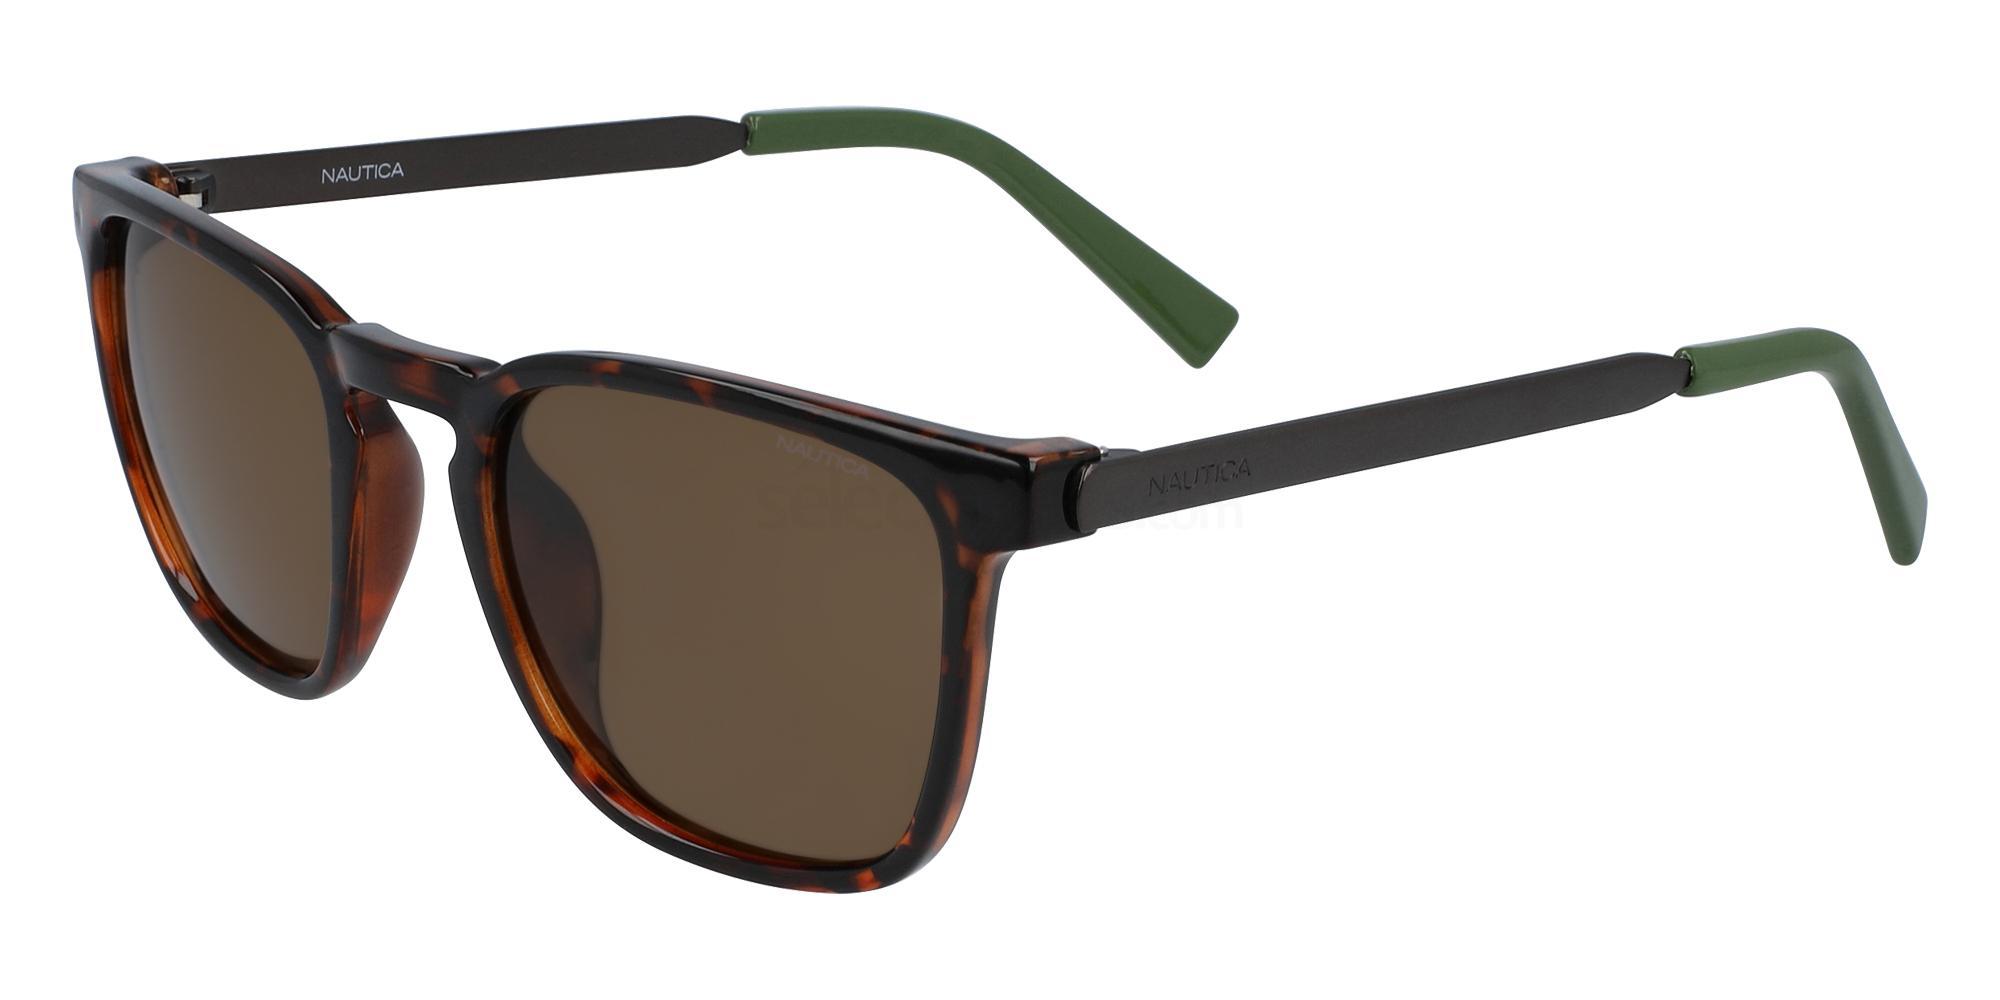 206 N3642SP Sunglasses, Nautica